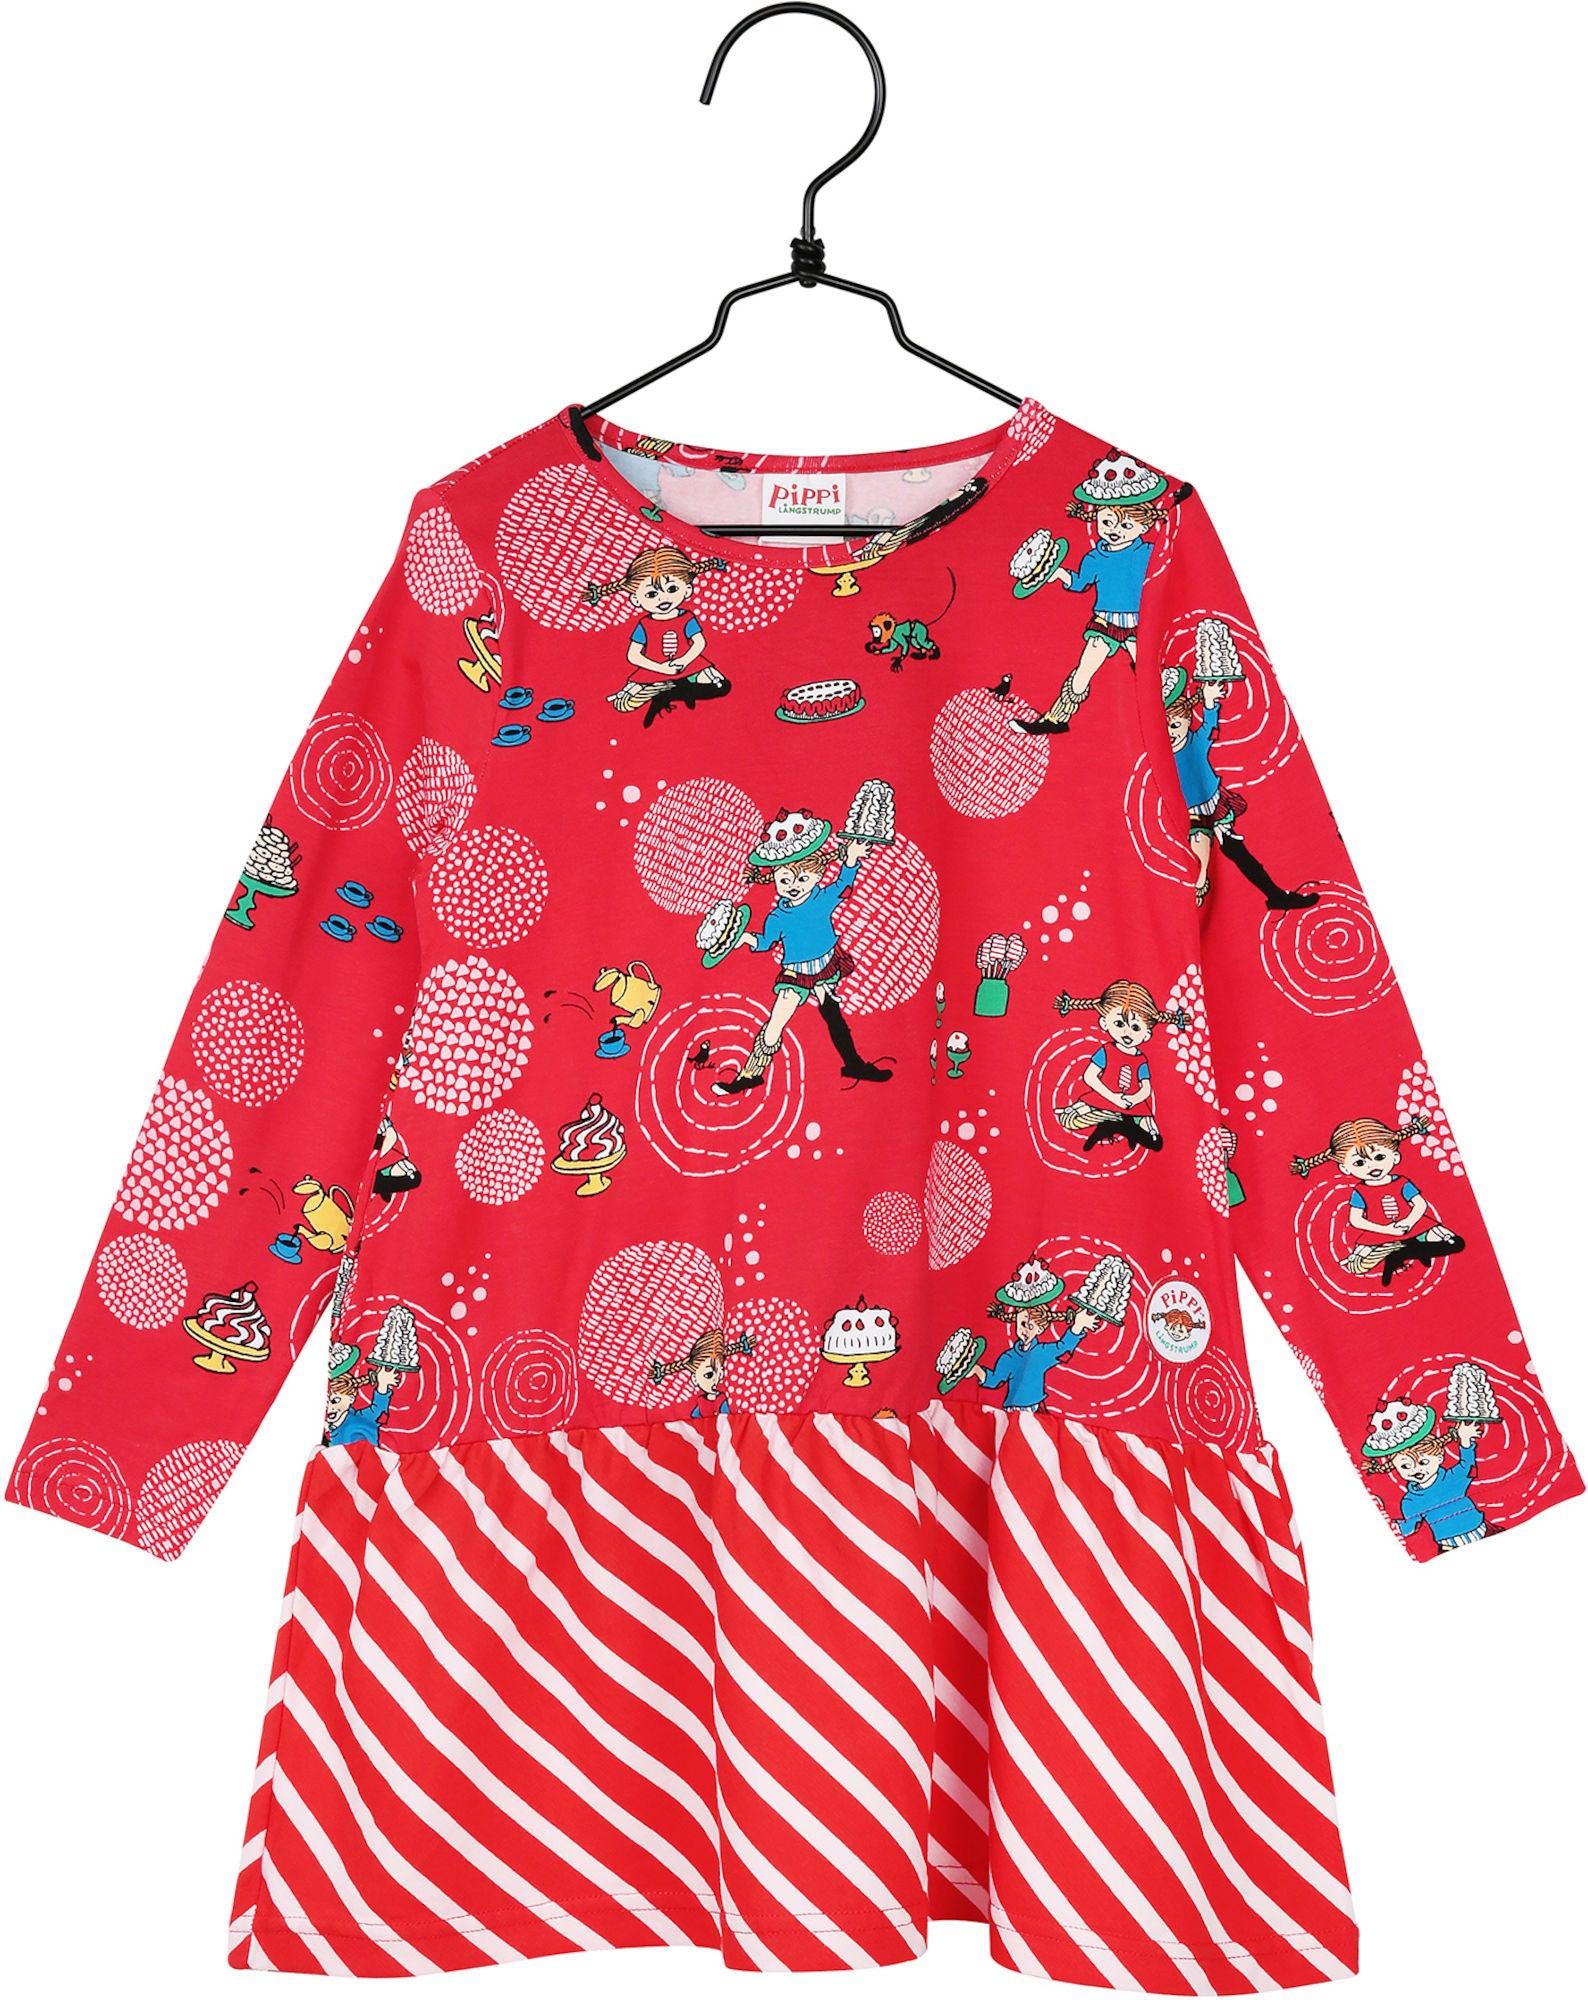 Kjøp Pippi Langstrømpe Kjole Mums, Rosa | Jollyroom